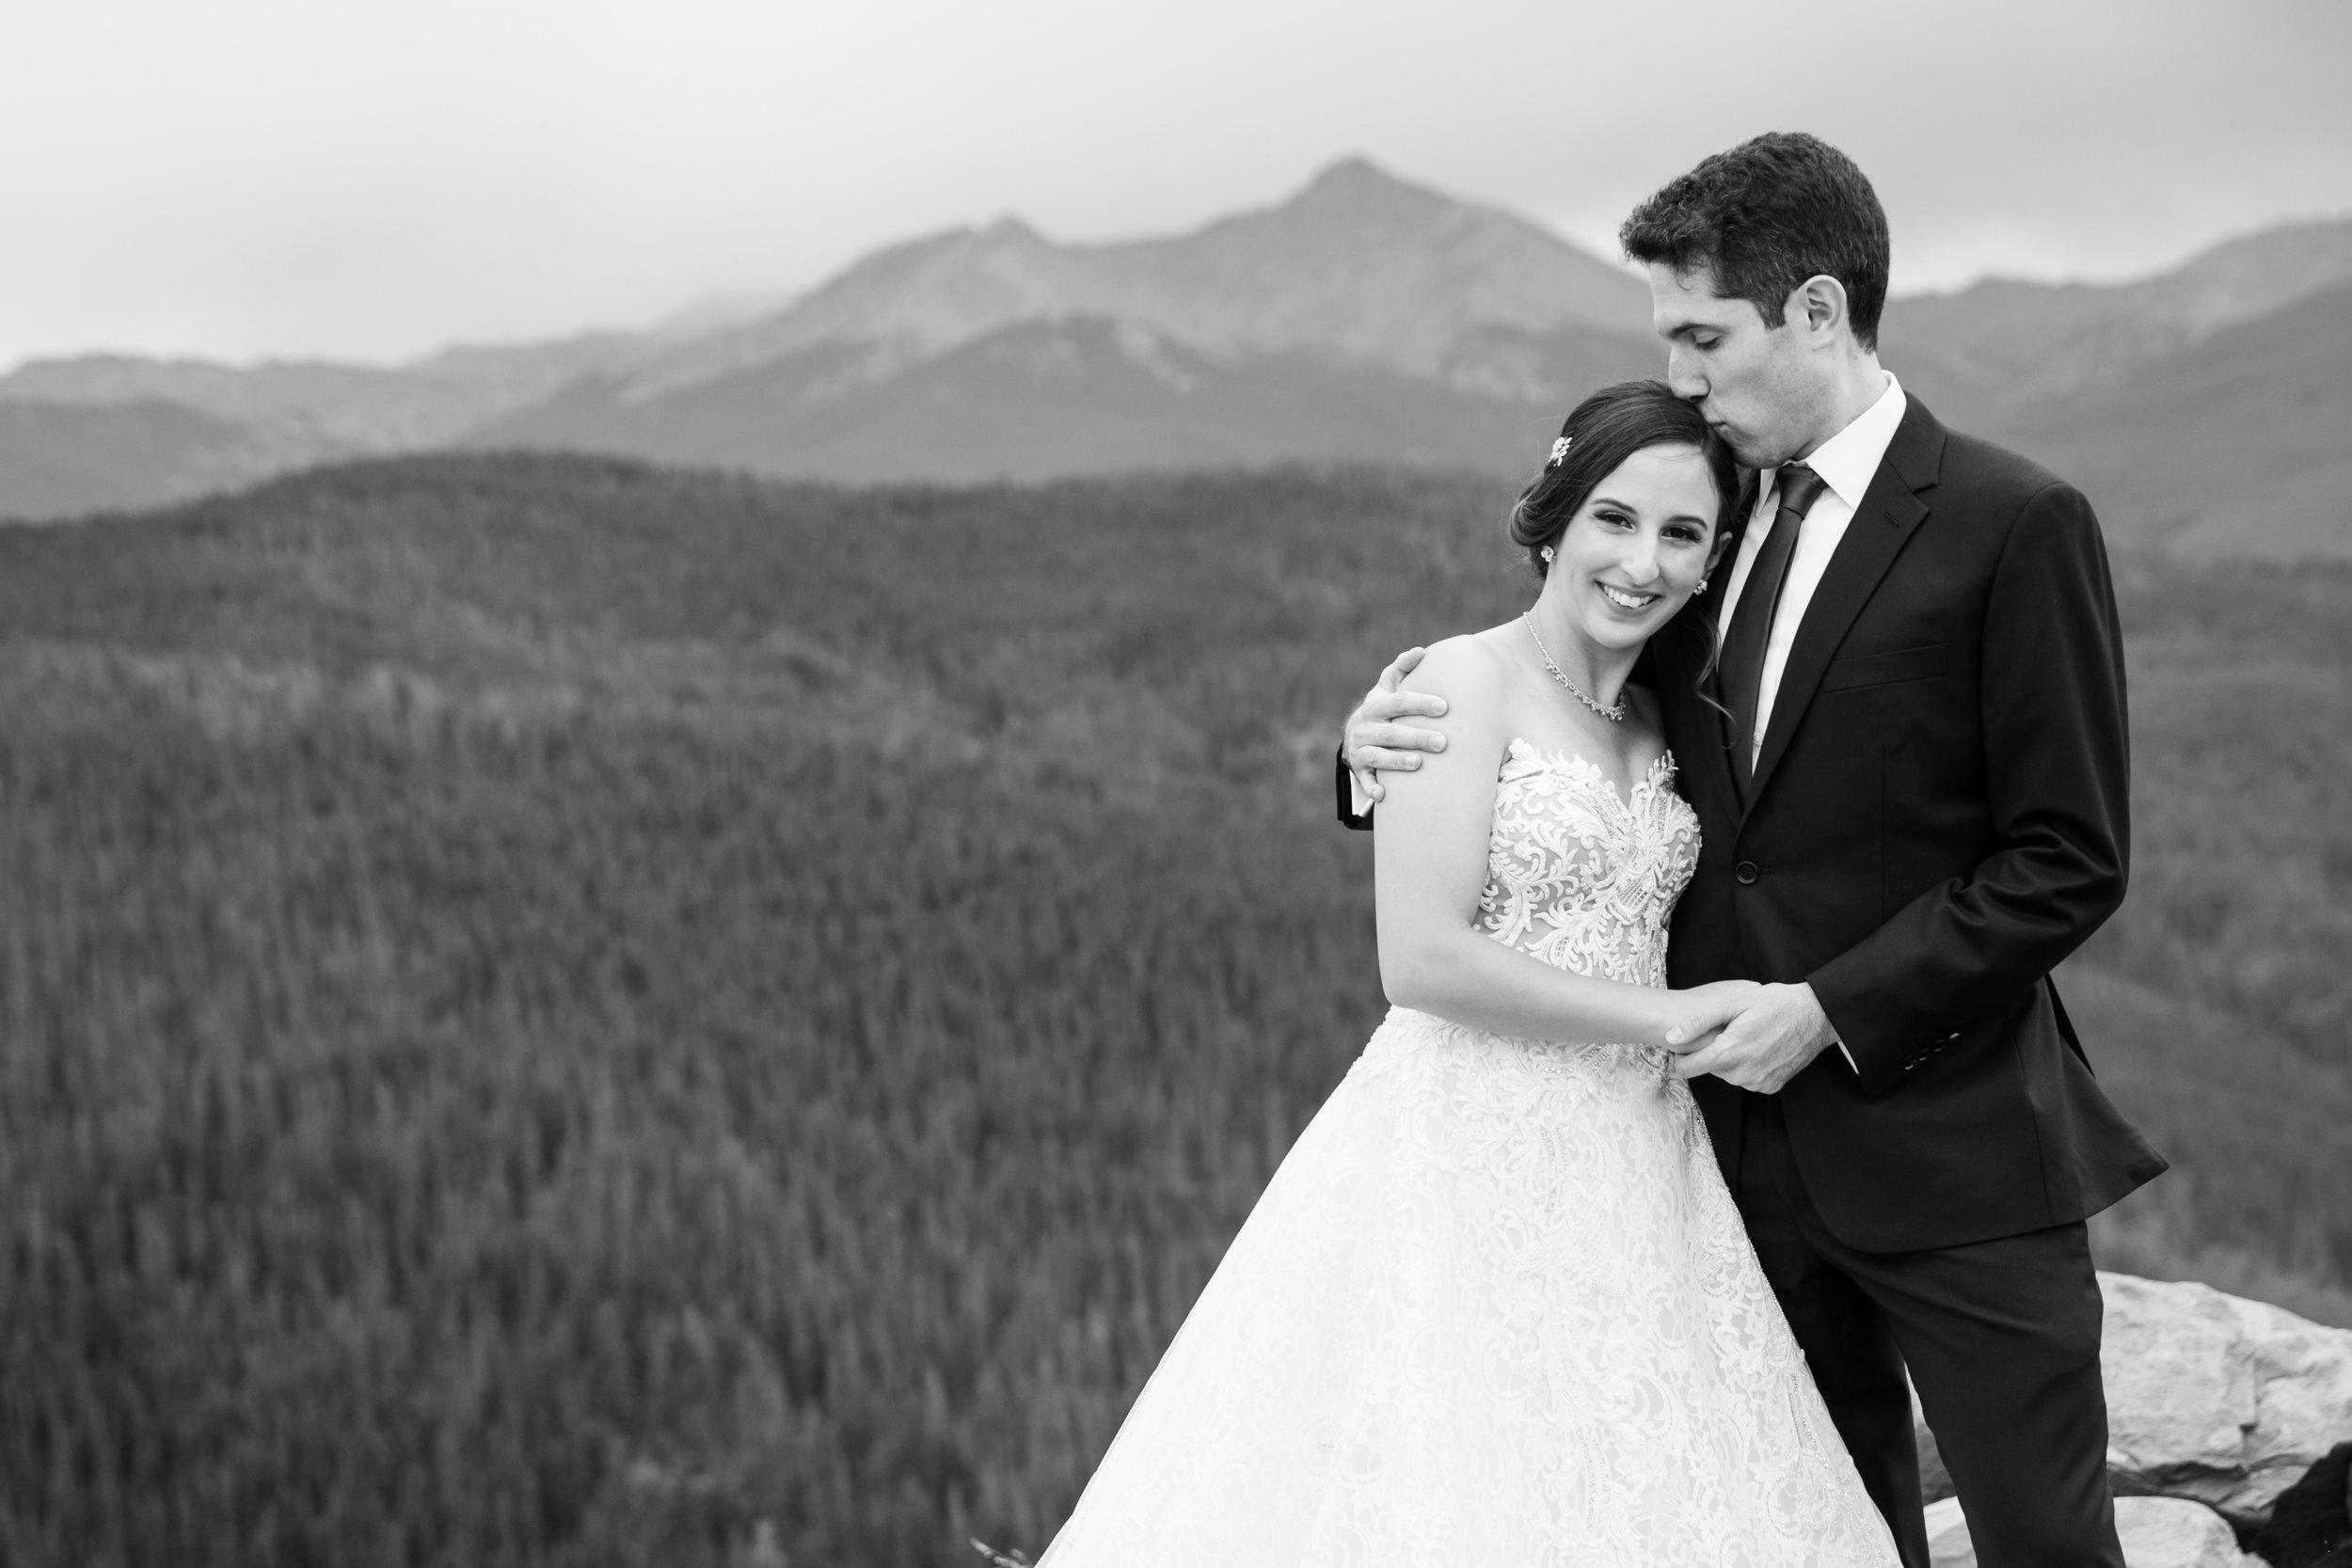 Vail Colorado Wedding Photographer Toni Axelrod